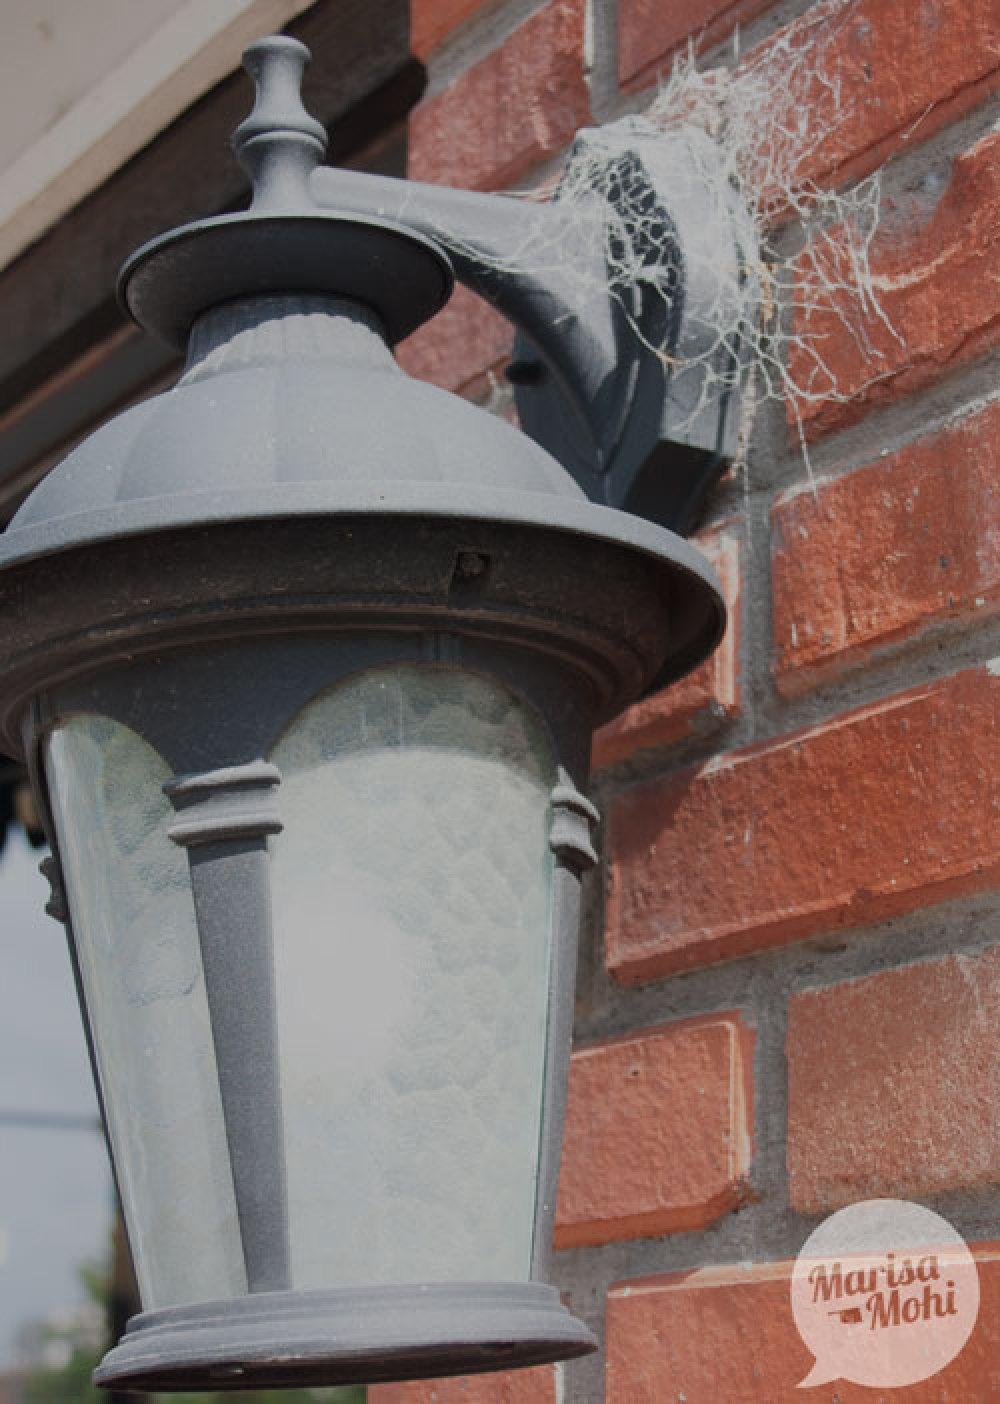 cobwebs-and-lantern